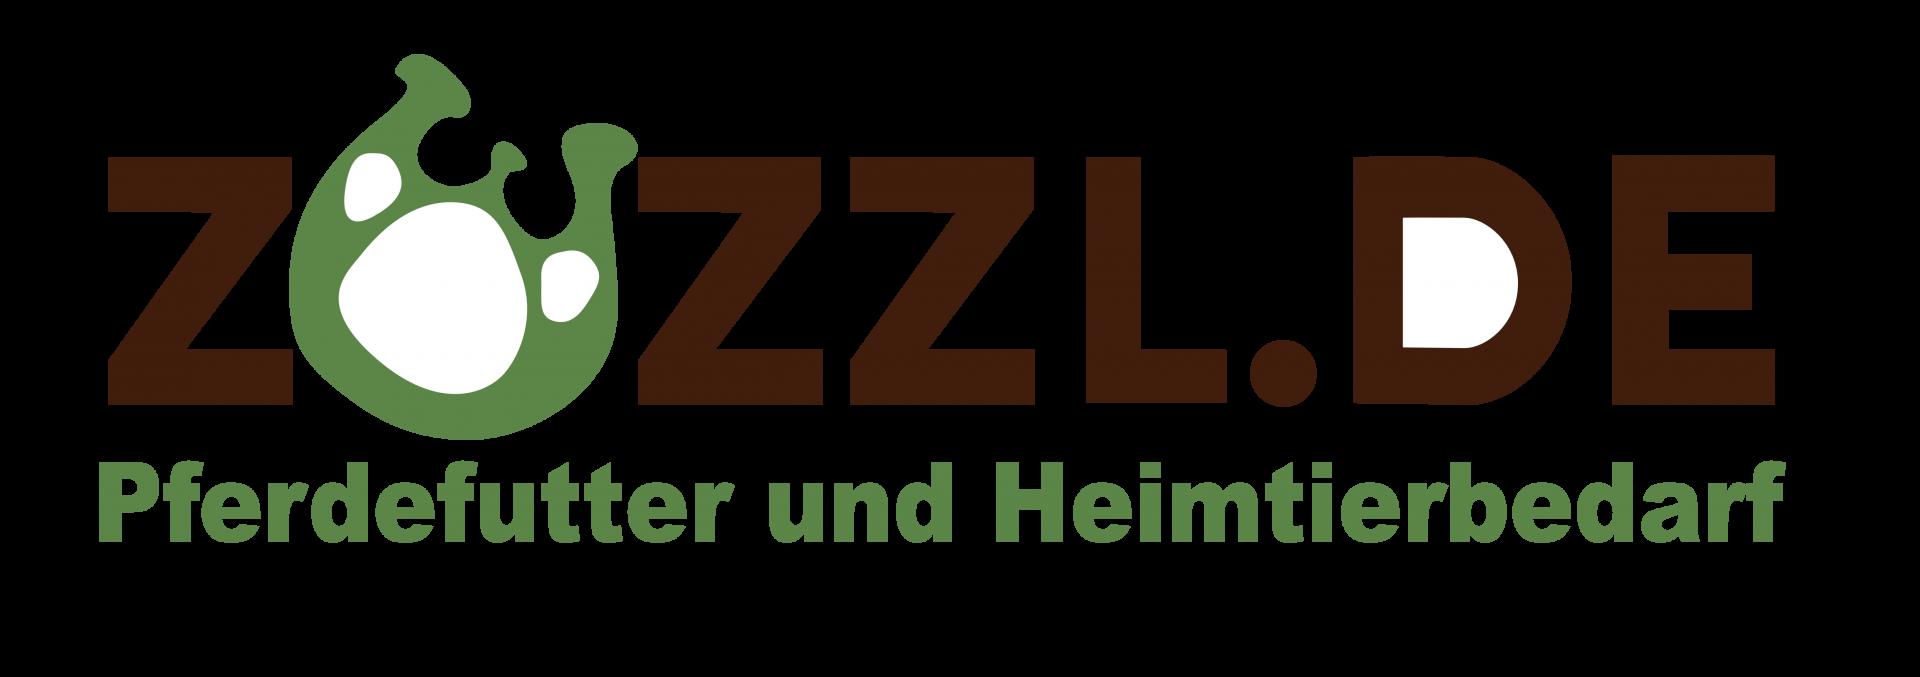 logo Zozzel.de